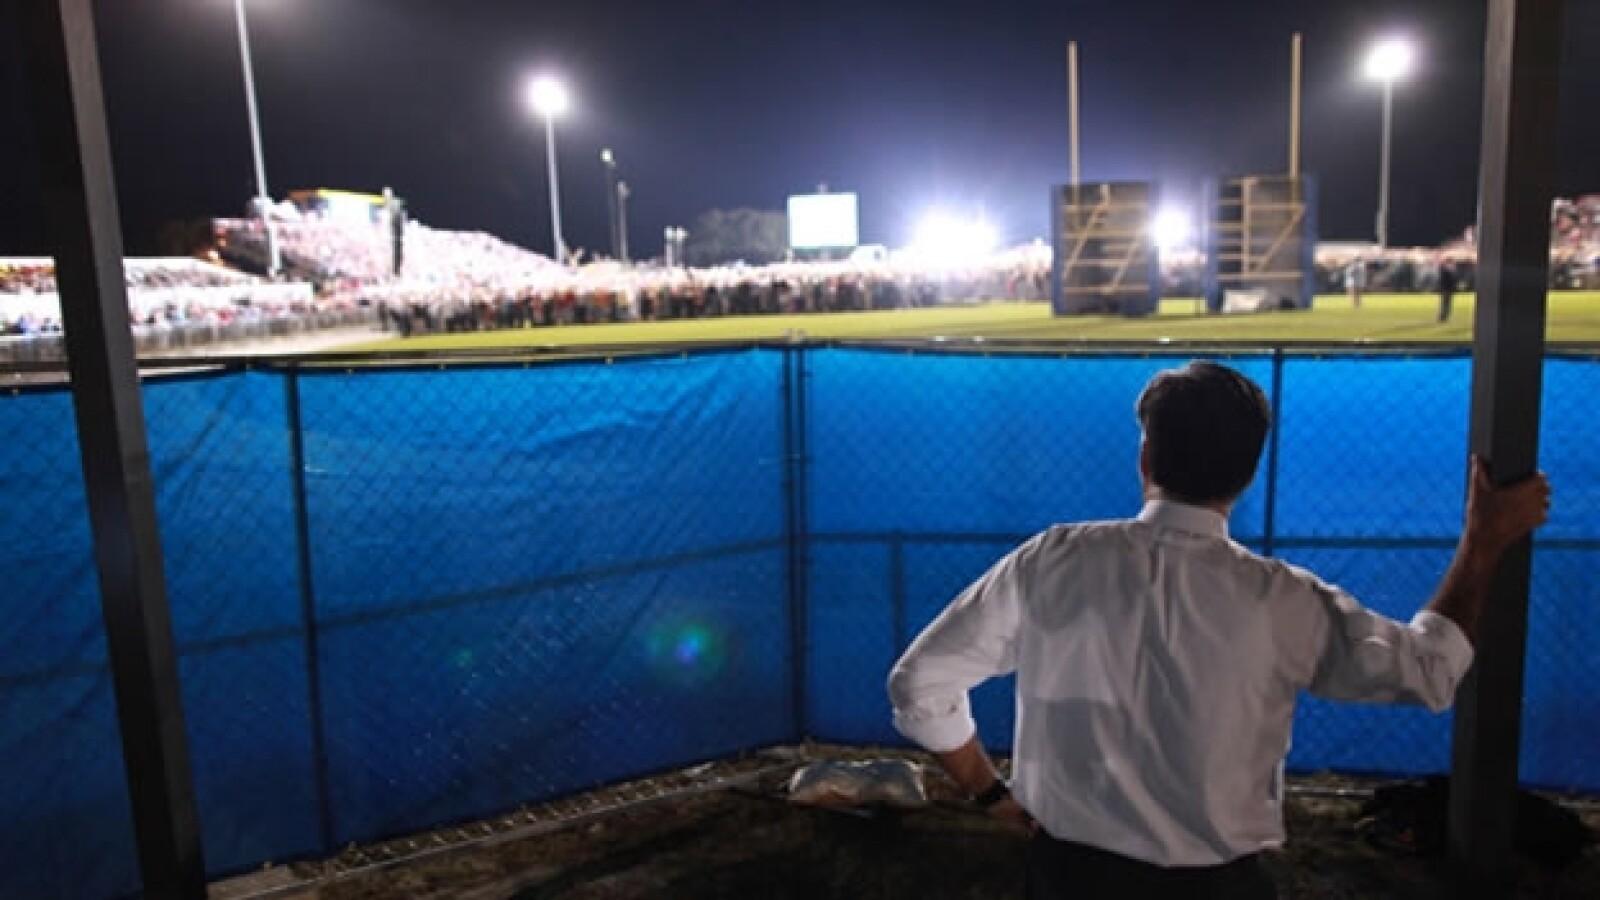 romney espera su turno para hablar en un campo de futbol